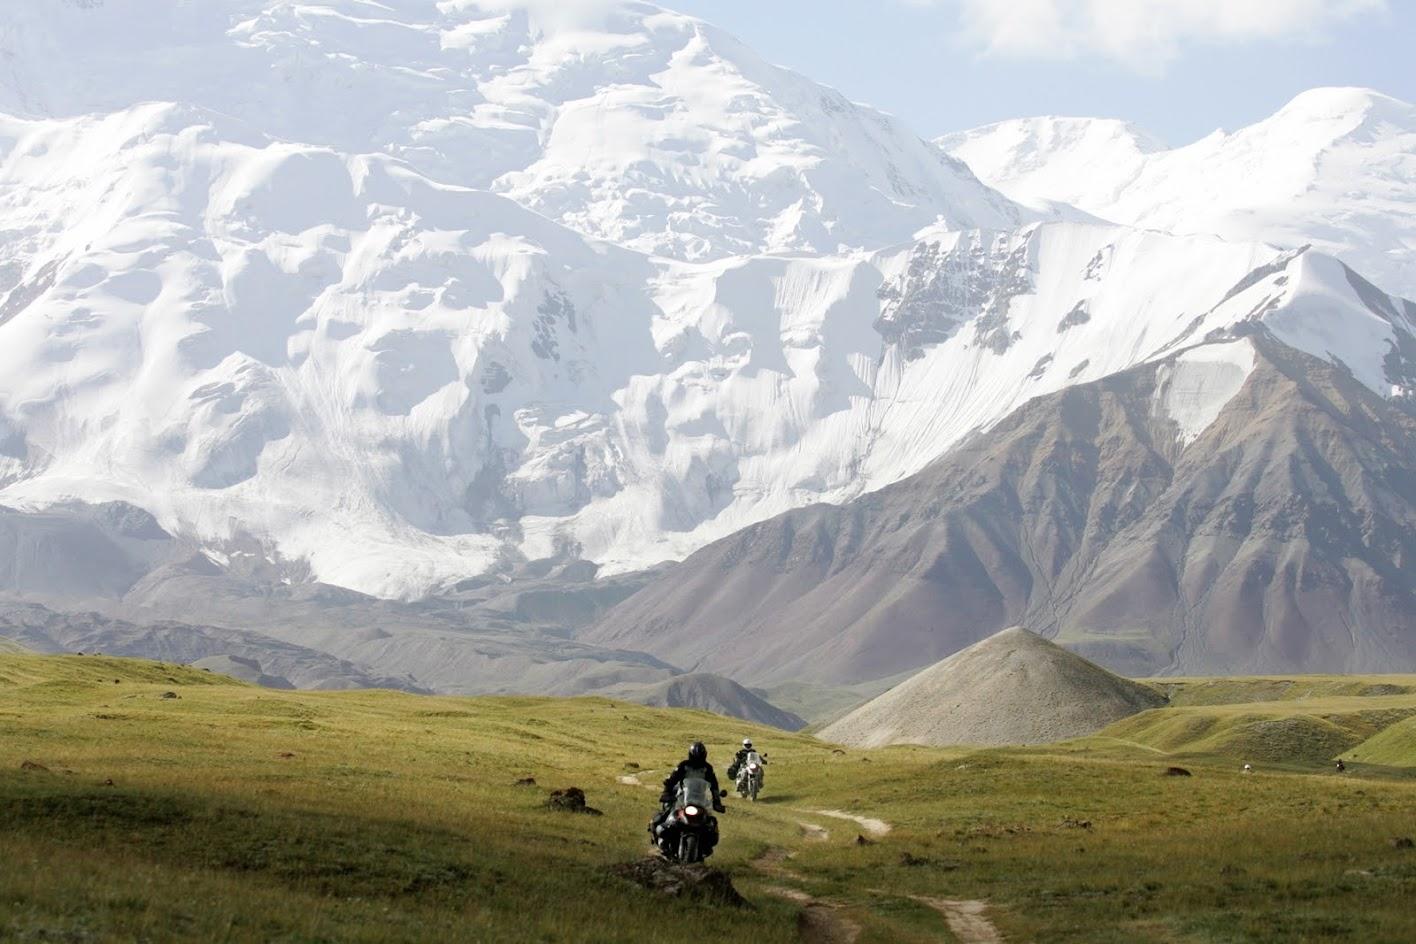 motocyklem do kirgistanu